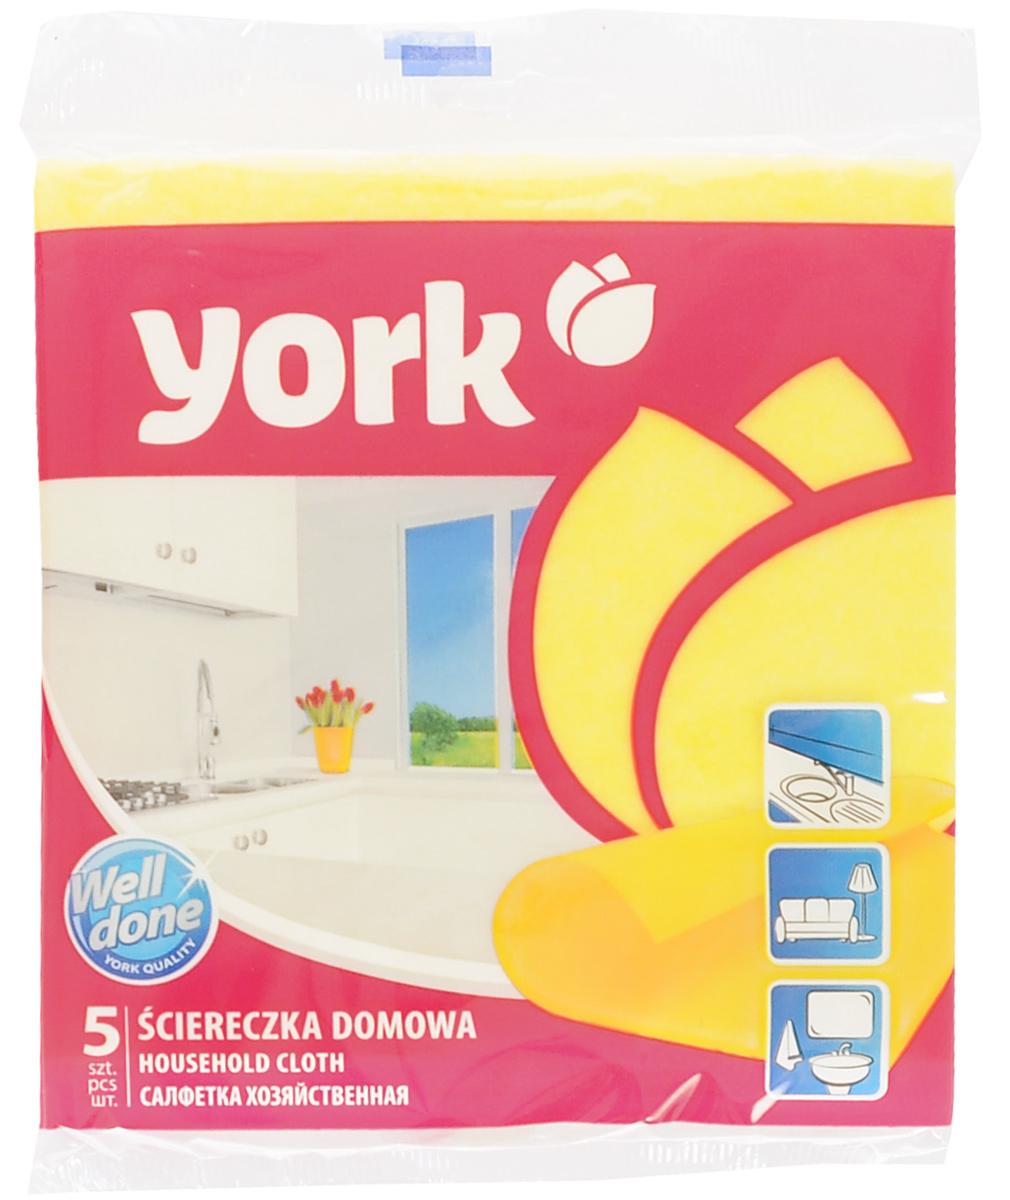 Салфетка хозяйственная York, цвет: желтый, 35 х 35 см, 5 шт2002_желтыйУниверсальная салфетка York предназначена для мытья, протирания и полировки. Она выполнена из вискозы с добавлением полипропиленового волокна, отличается высокой прочностью. Хорошо поглощает влагу, эффективно очищает поверхности и не оставляет ворсинок. Идеальна для ухода за столешницами и раковиной на кухне, за стеклом и зеркалами, деревянной мебелью. Может использоваться в сухом и влажном виде. В комплект входят 5 салфеток.